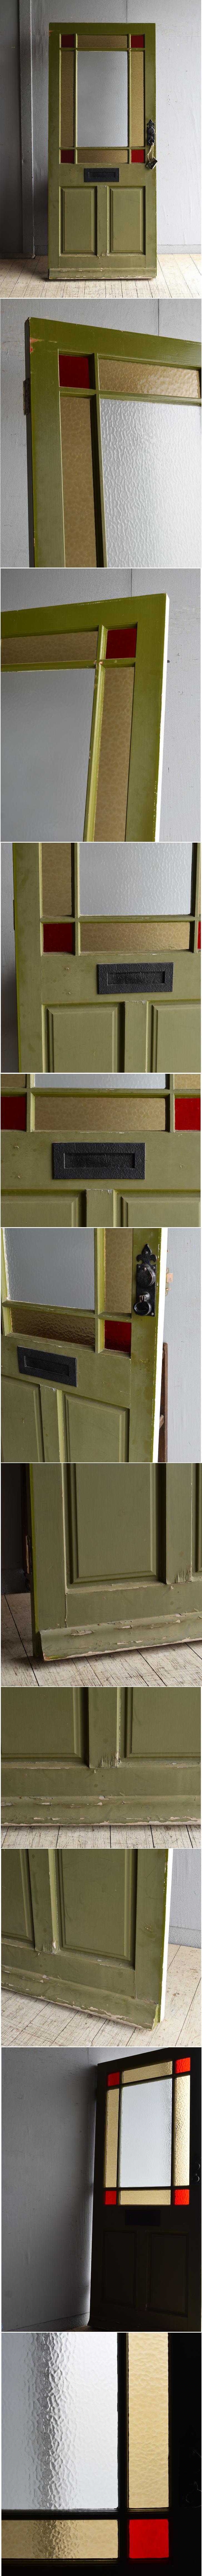 イギリス アンティーク ドア 扉 建具 8404